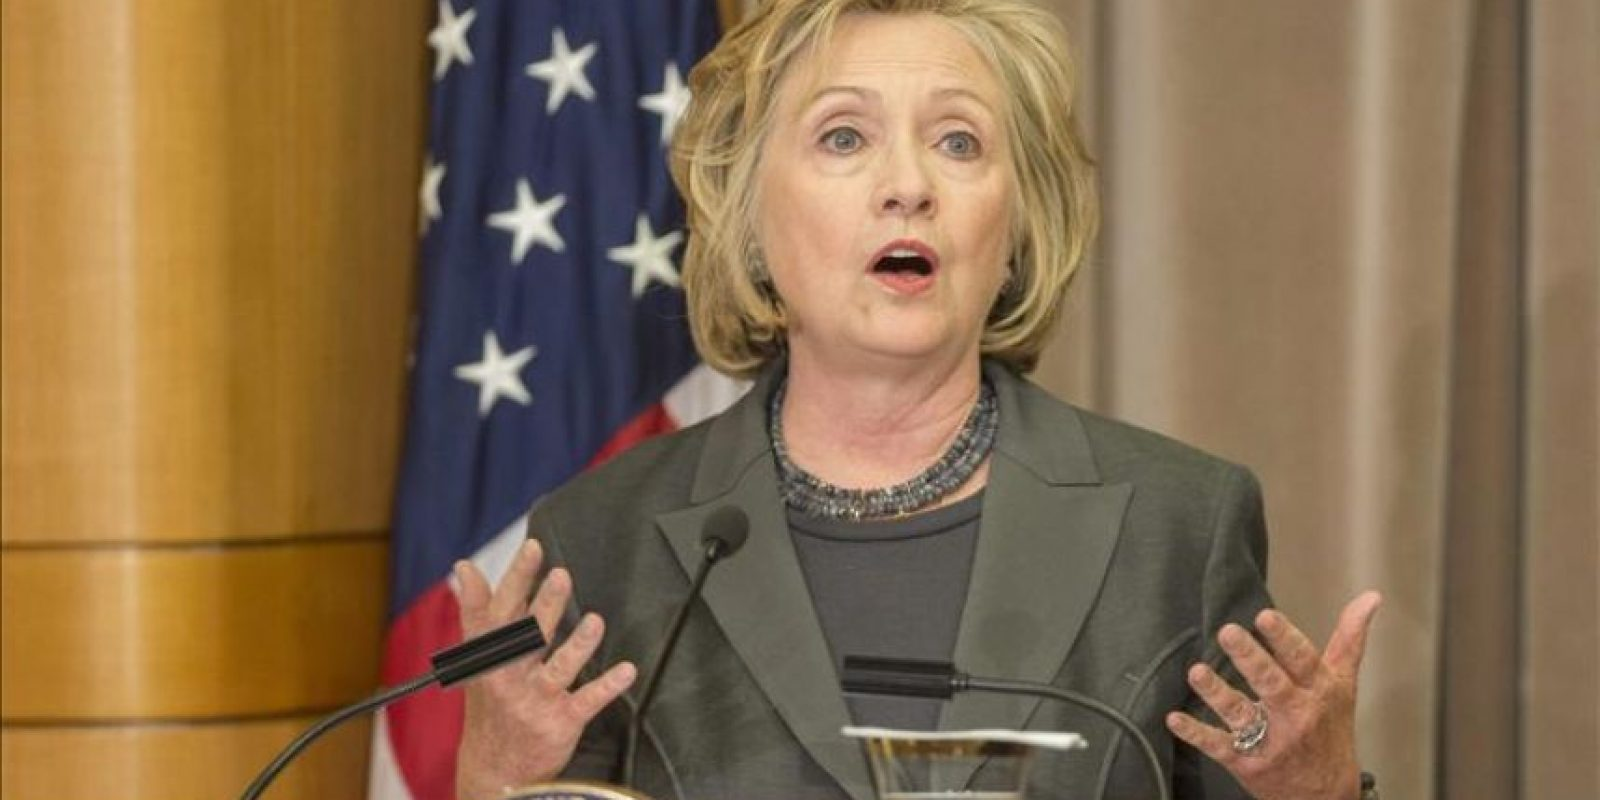 La exsecretaria de estado de los Estados Unidos Hillary Clinton. EFE/Archivo